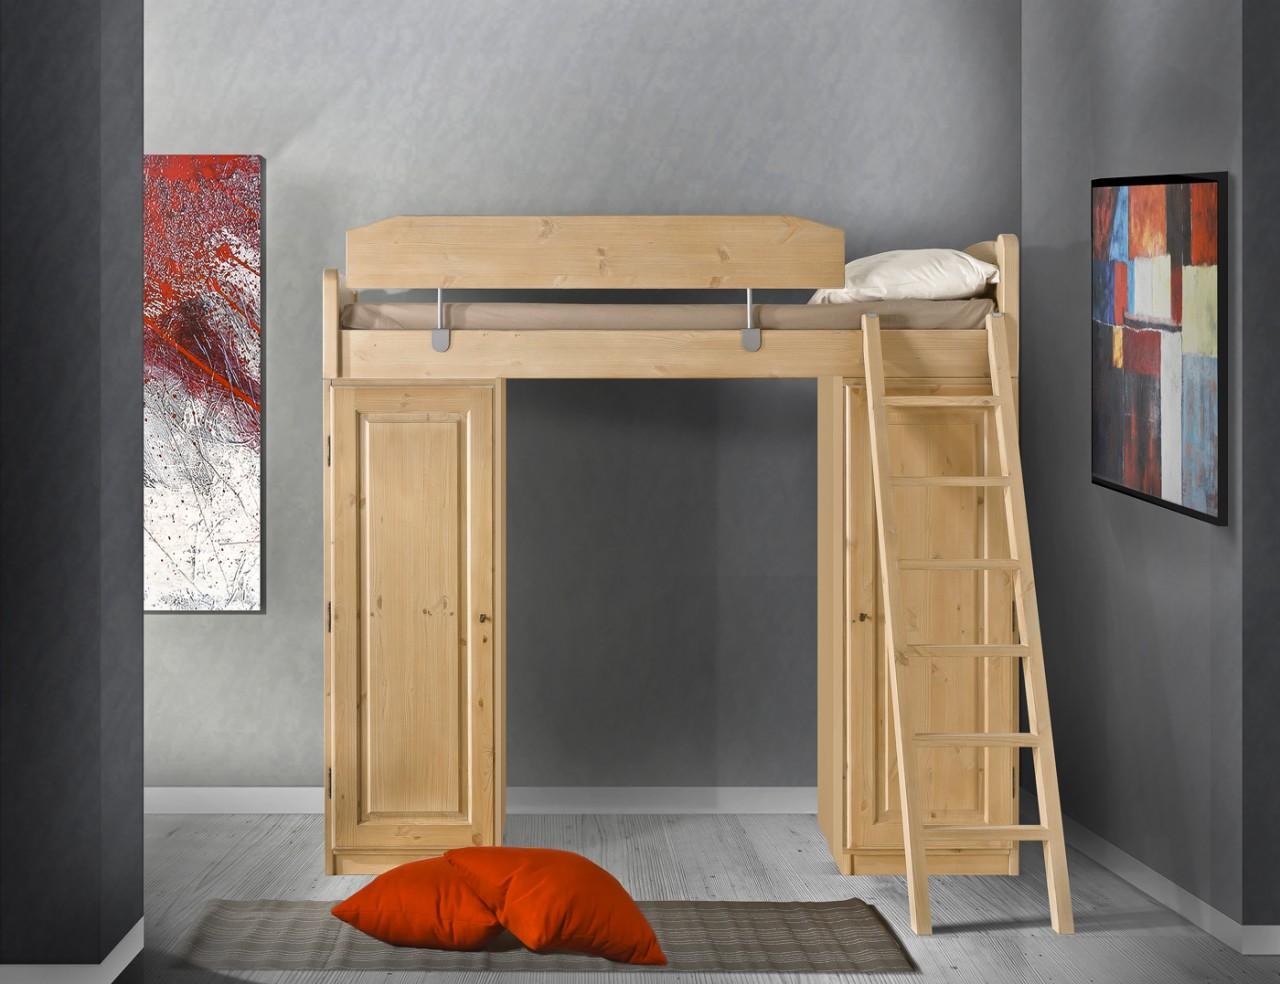 Camera da letto arte povera bianca e legno - Camere da letto soppalco ...